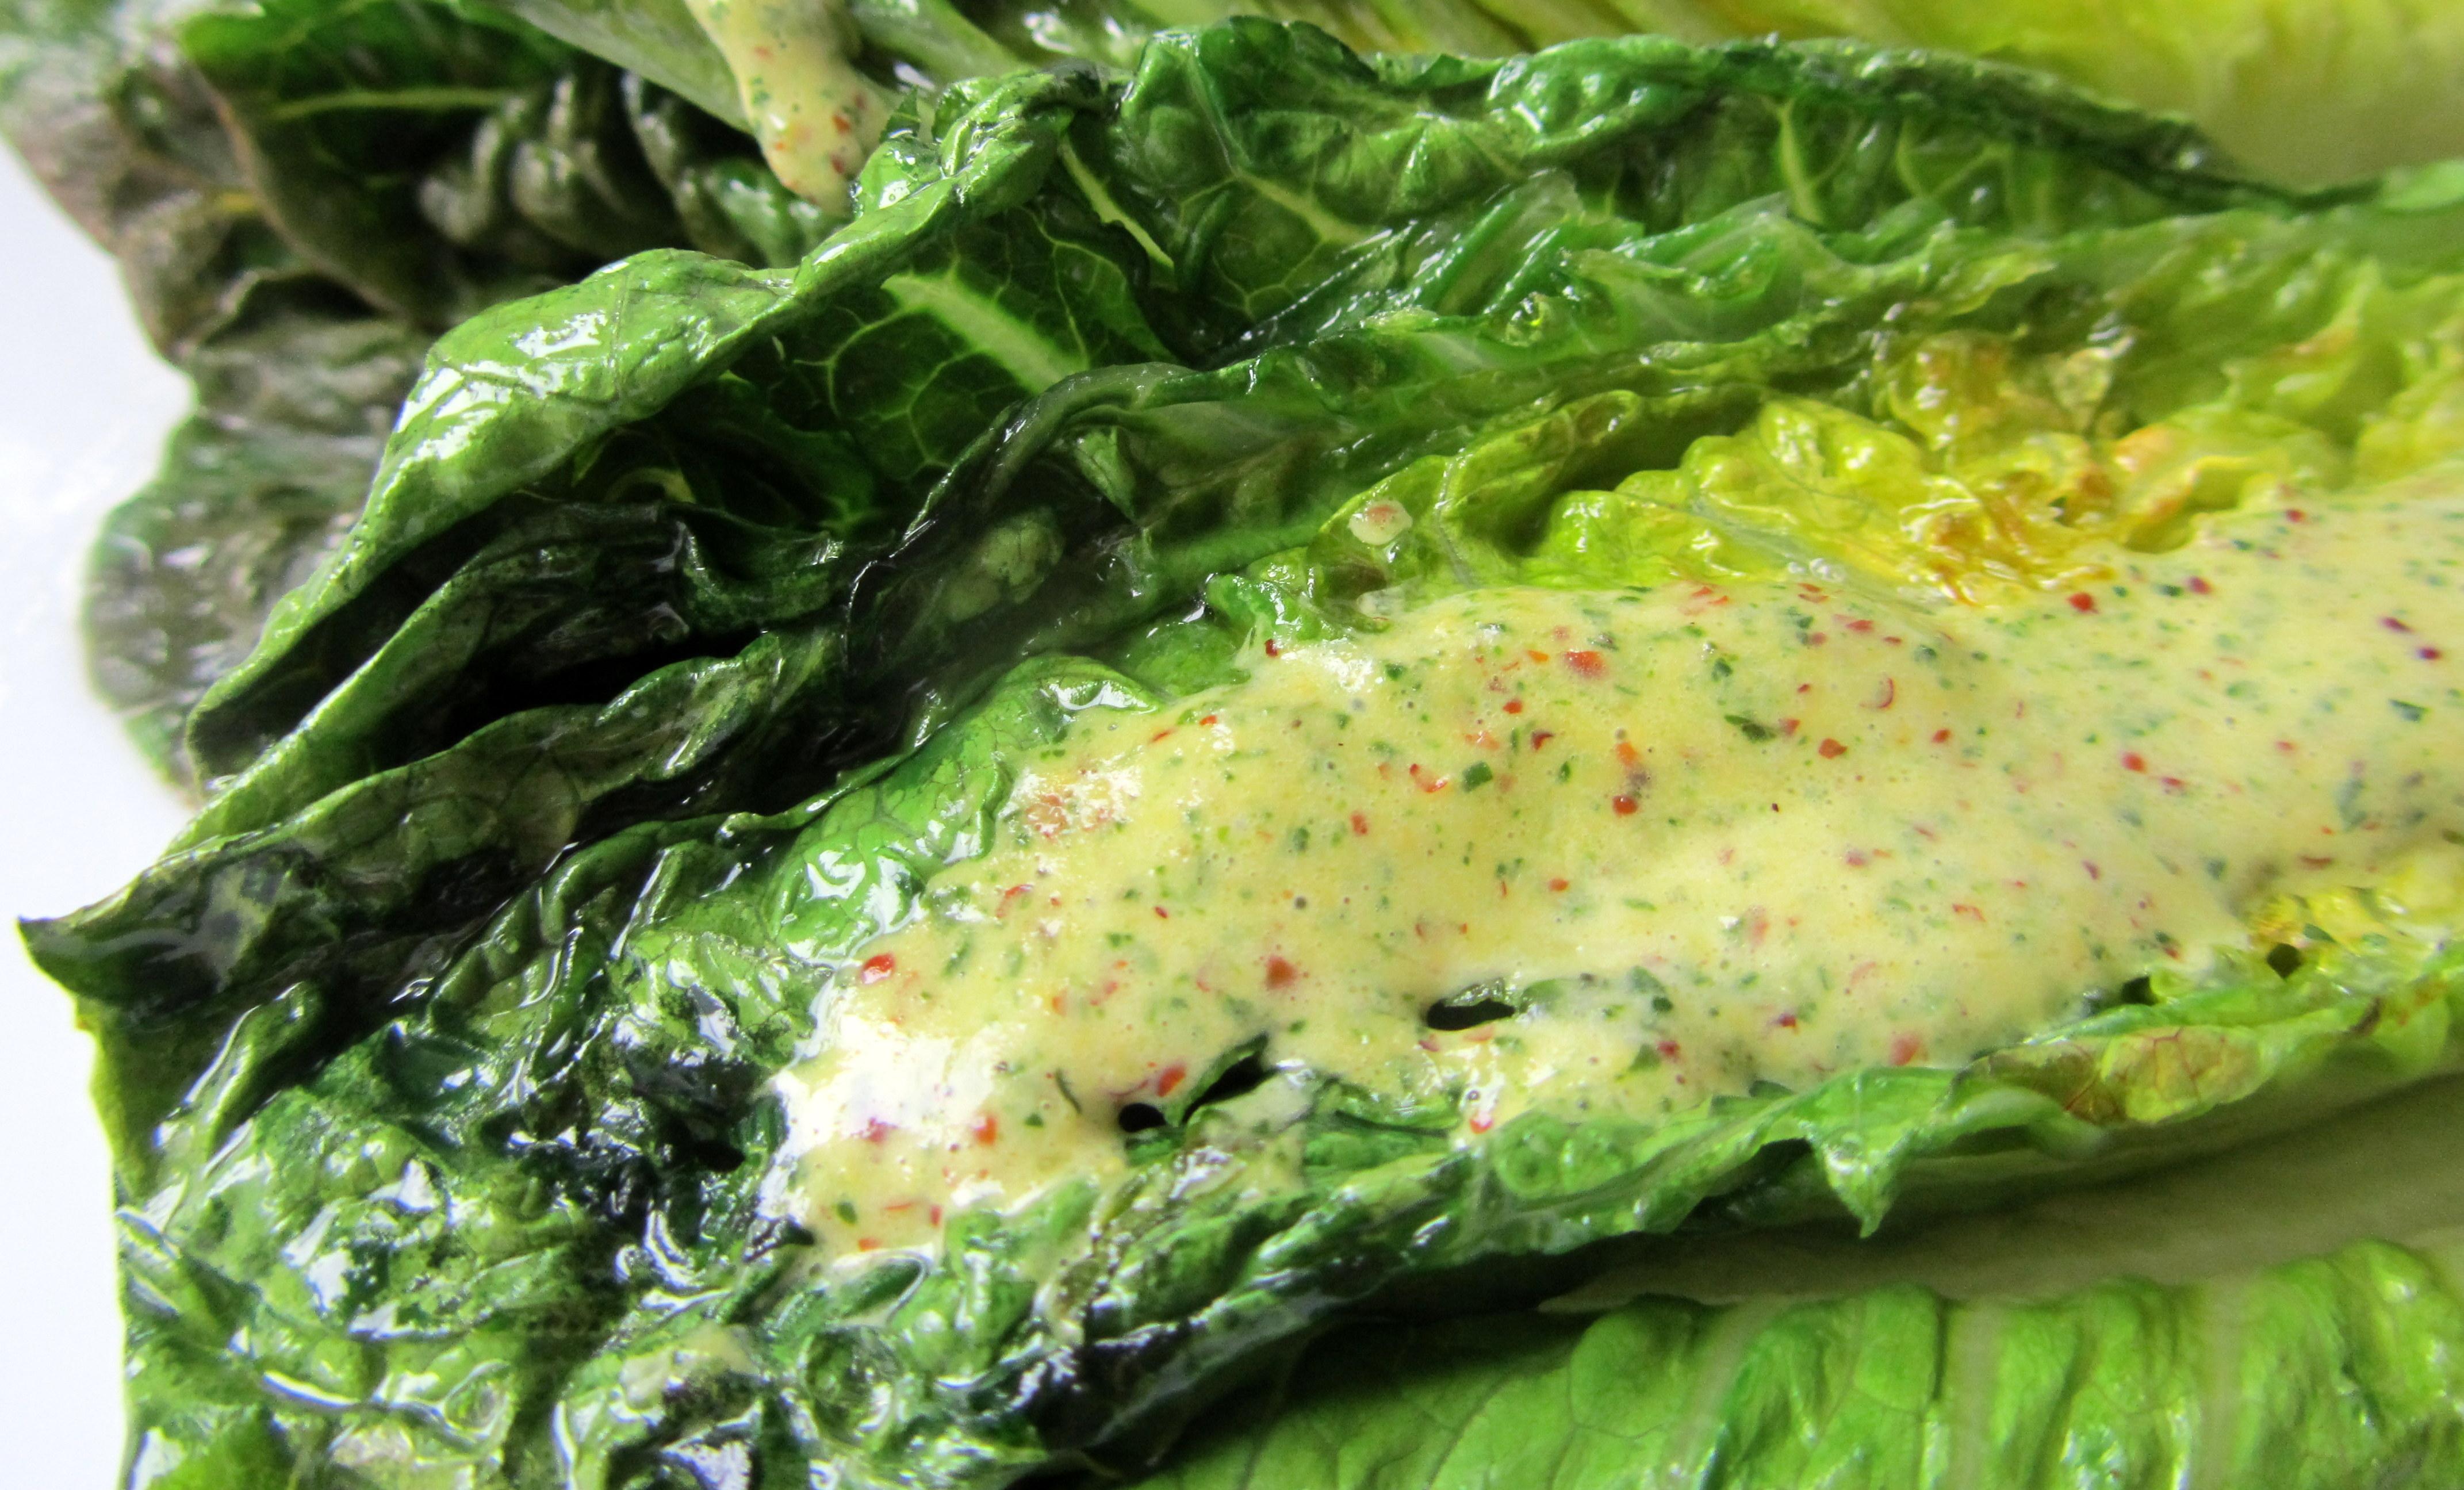 ... salad vegetarian tags ferran adria herbs lettuce salad vinaigrette